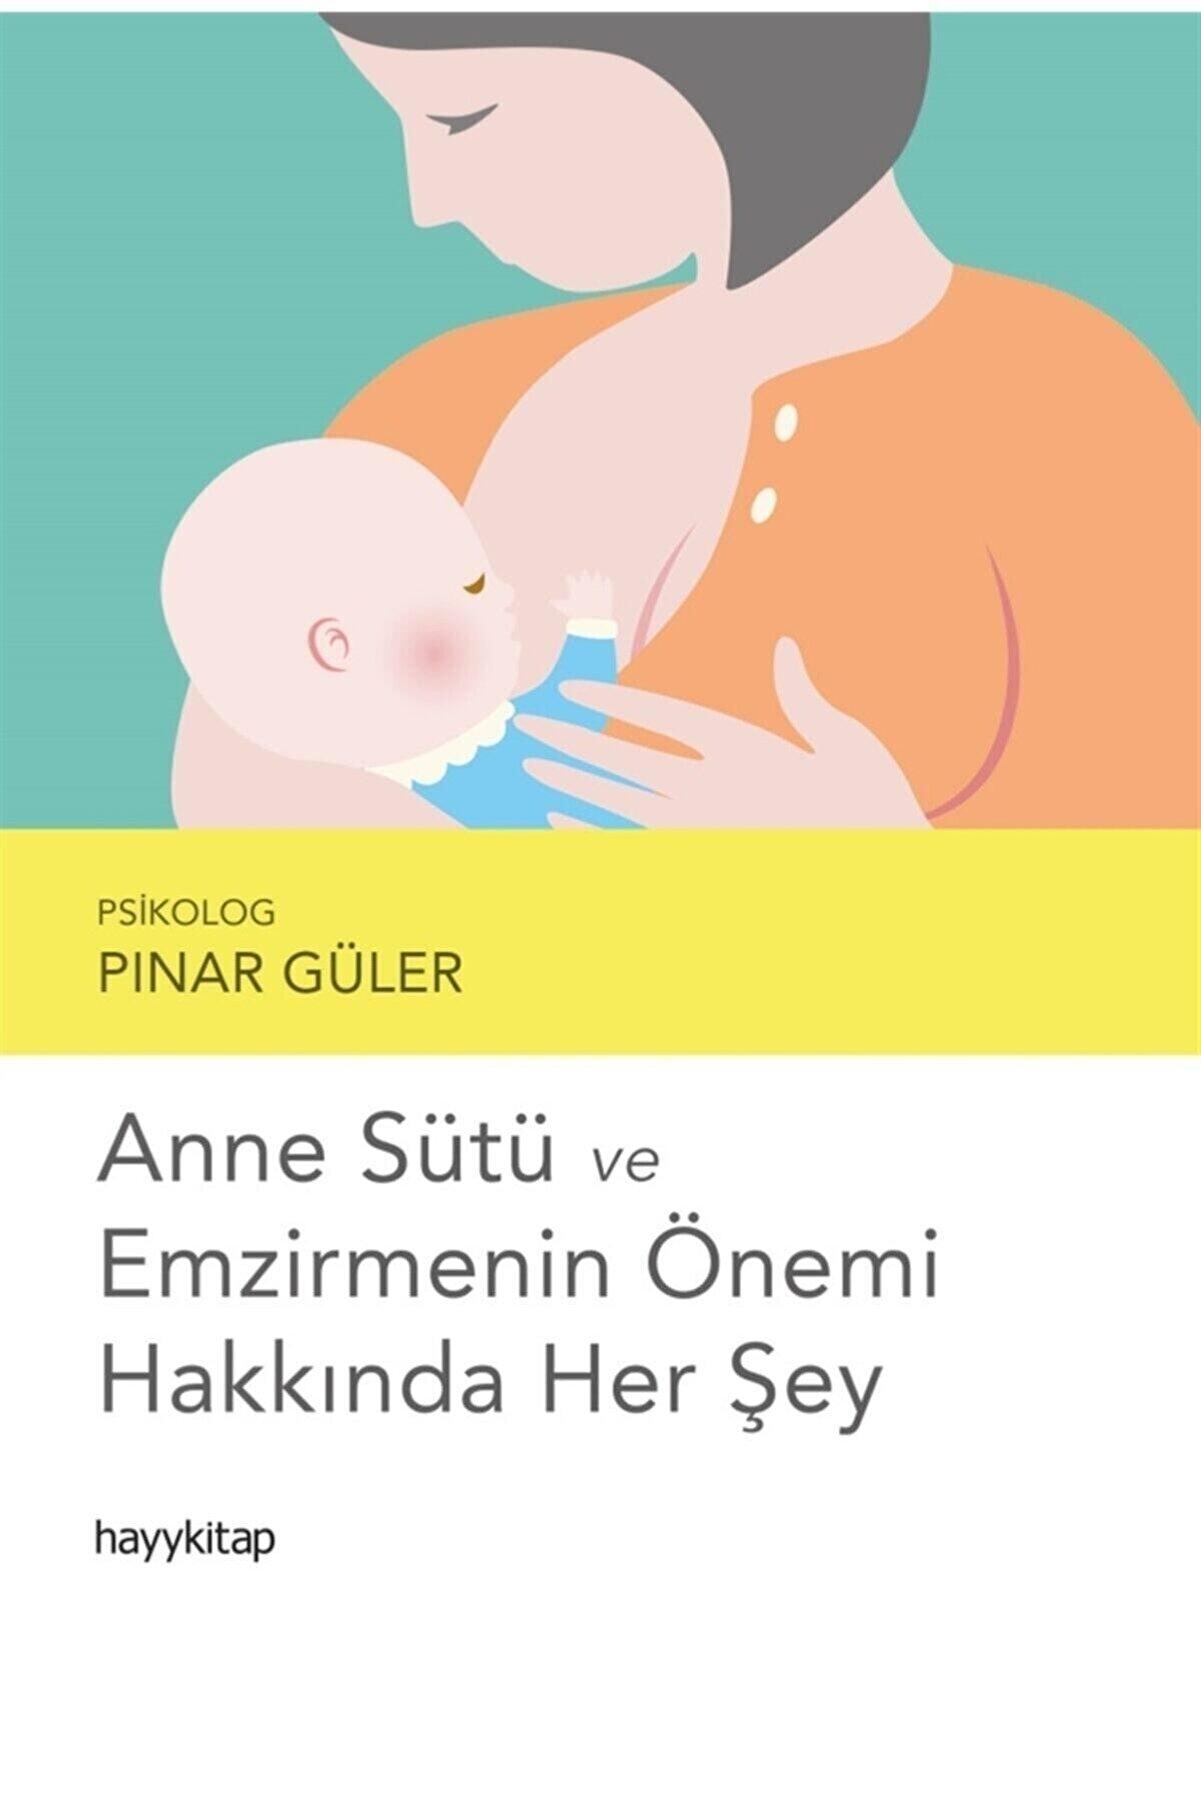 Hayykitap Anne Sütü Ve Emzirmenin Önemi Hakkında Her Şey - Pınar Güler 9786257685610